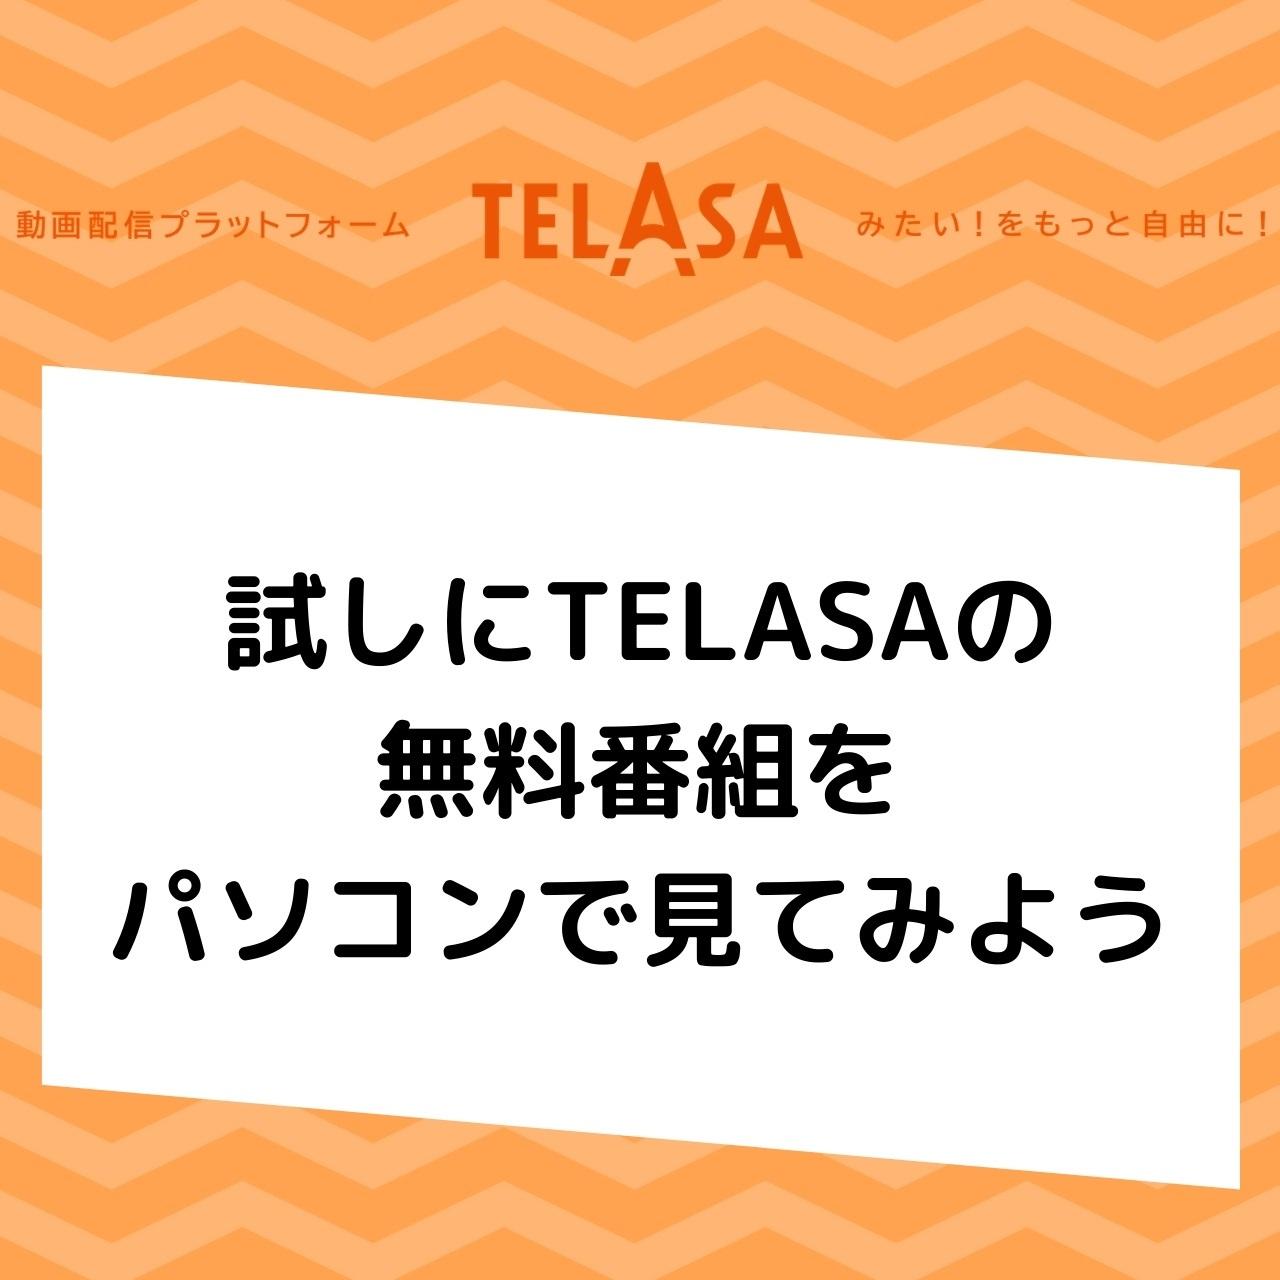 試しにTELASAの無料番組をパソコンで見てみよう